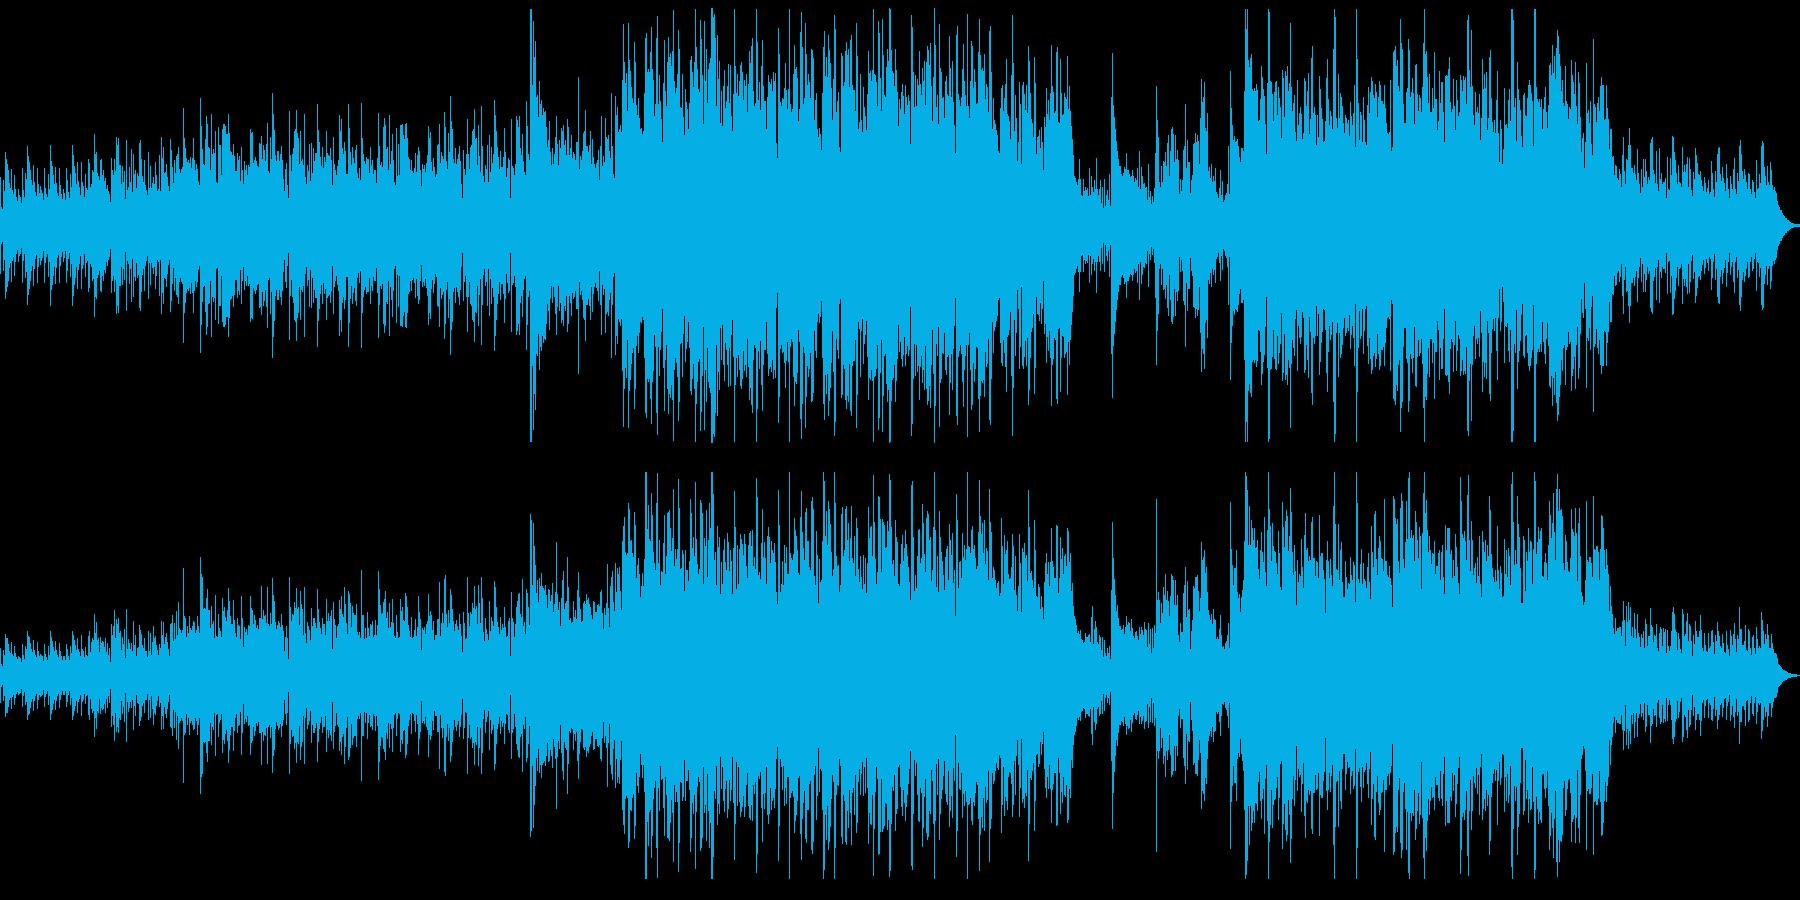 神秘的な森をイメージしたケルト風民族楽曲の再生済みの波形